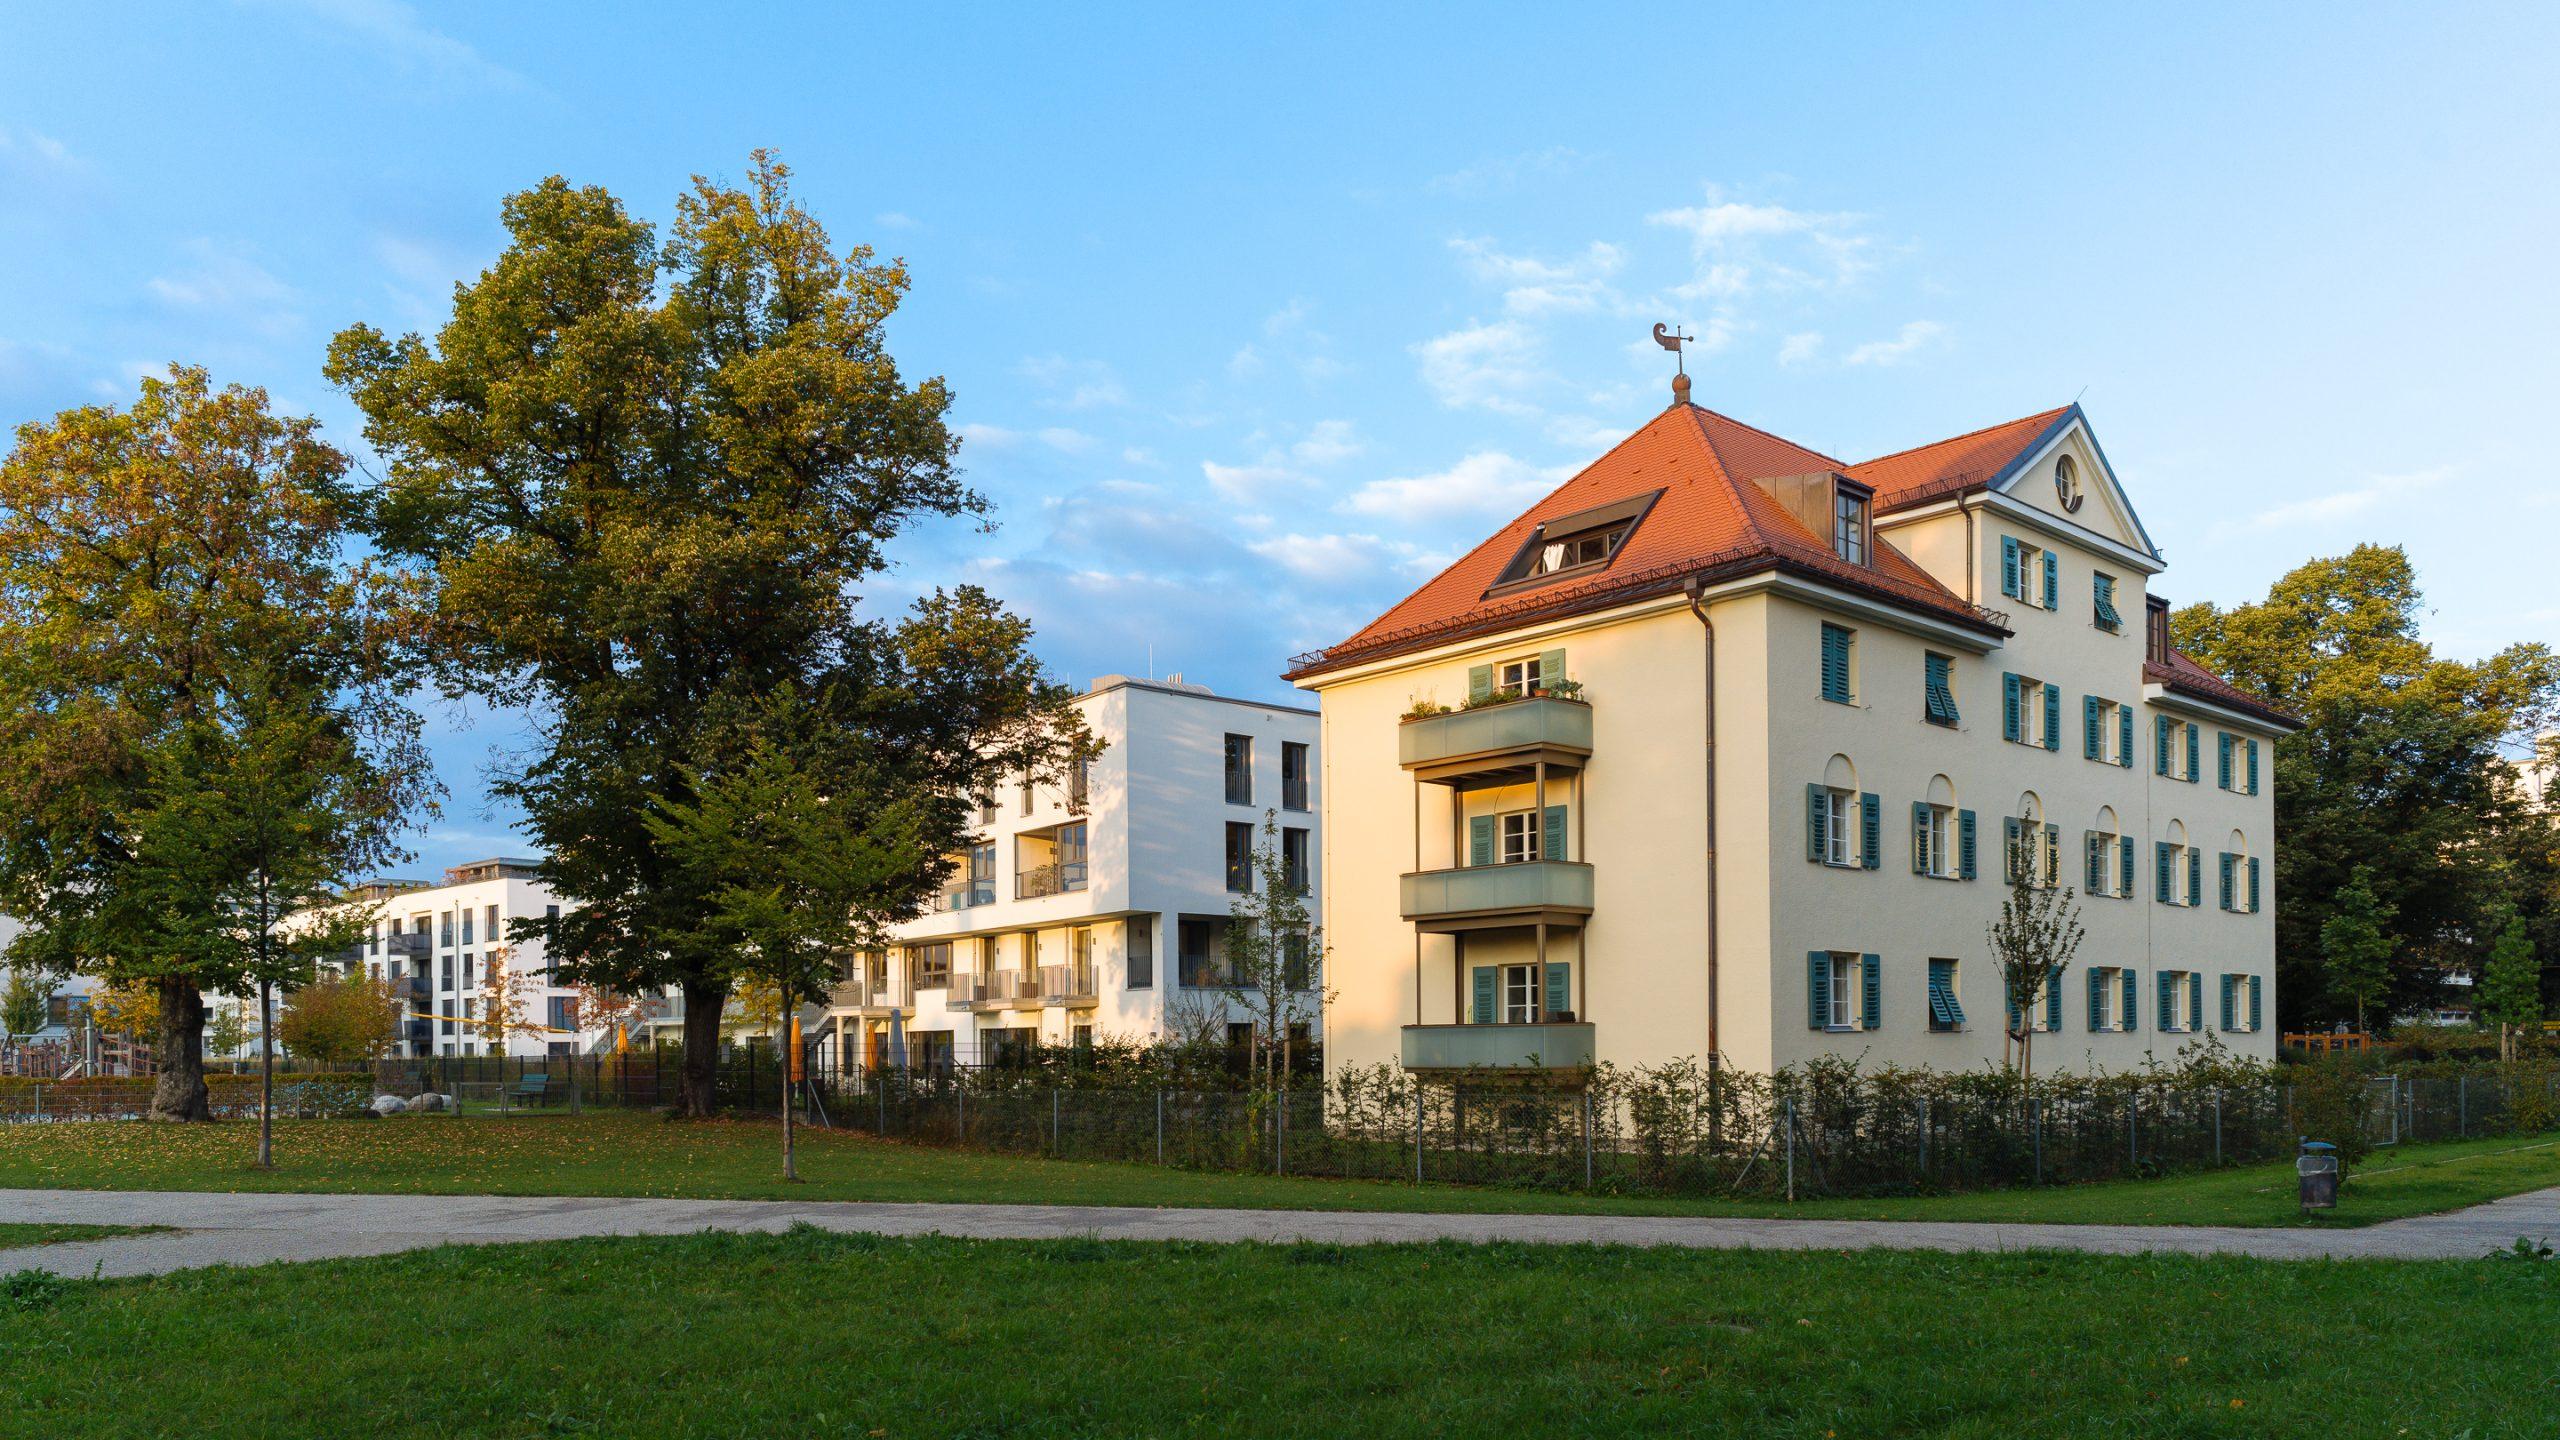 Balkone München - Denkmalschutz Balkone